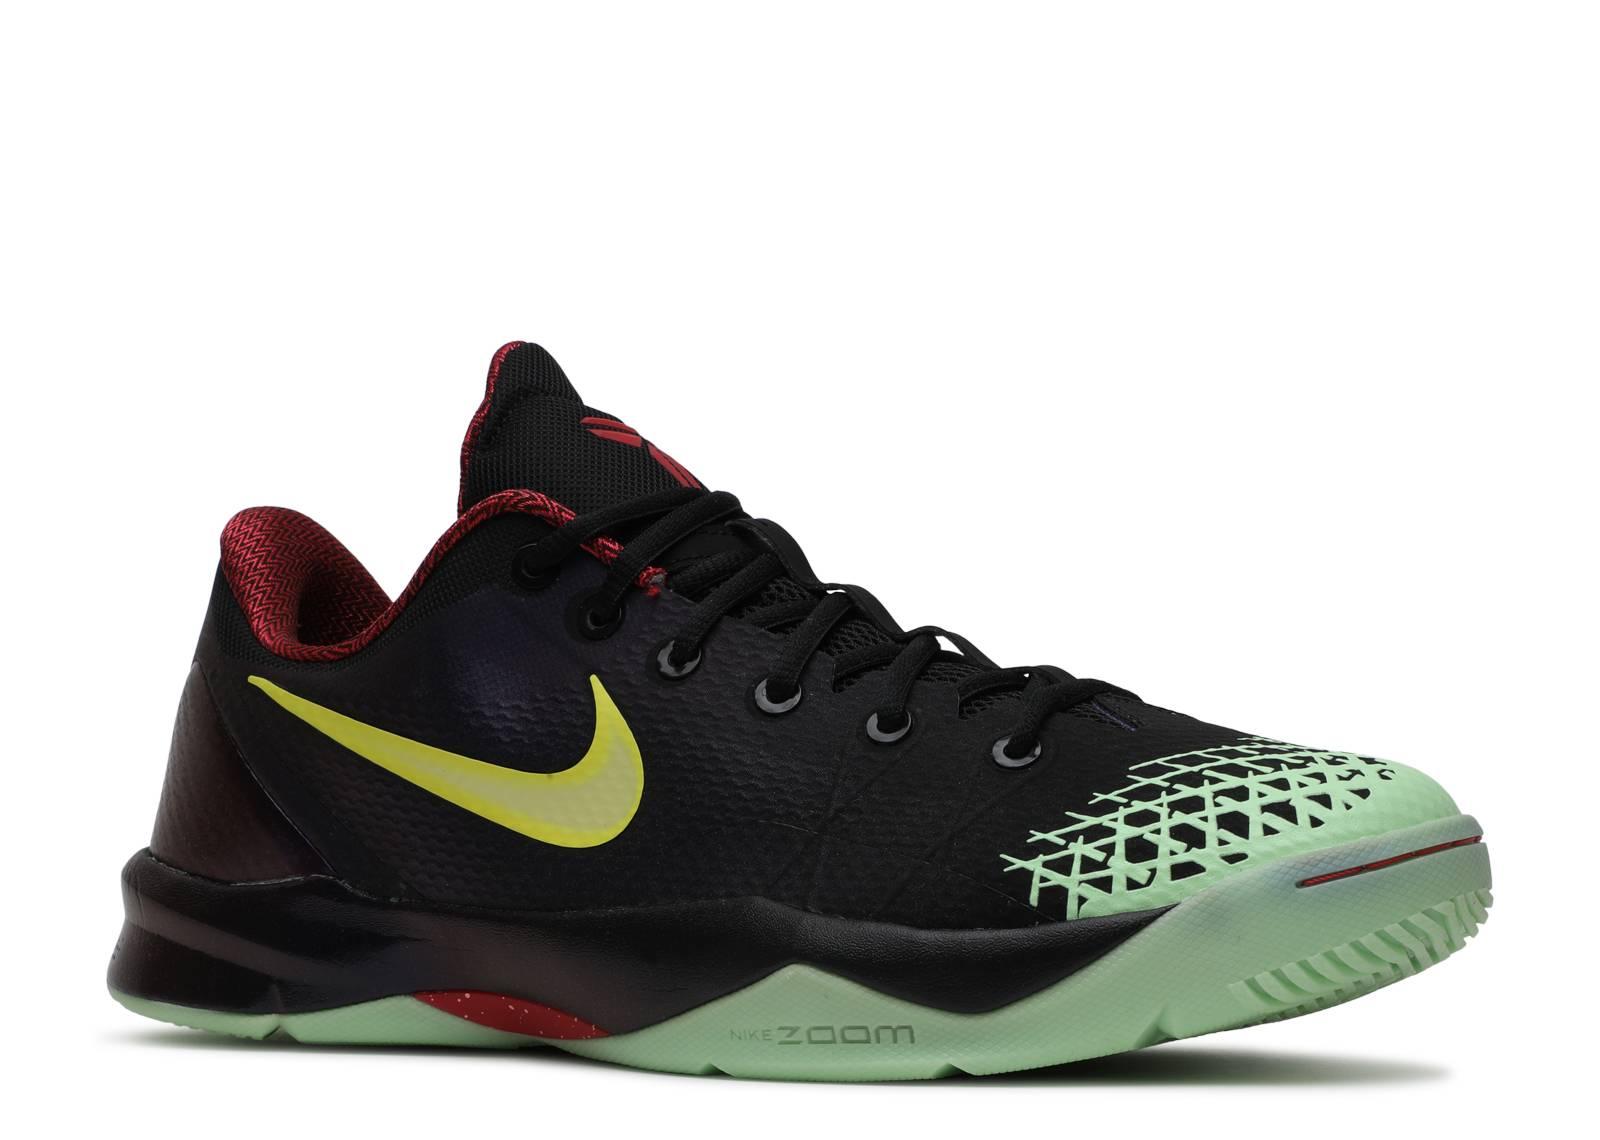 f86751320fe7 Nike Zoom Kobe Venomenon 4 Glow In The Dark